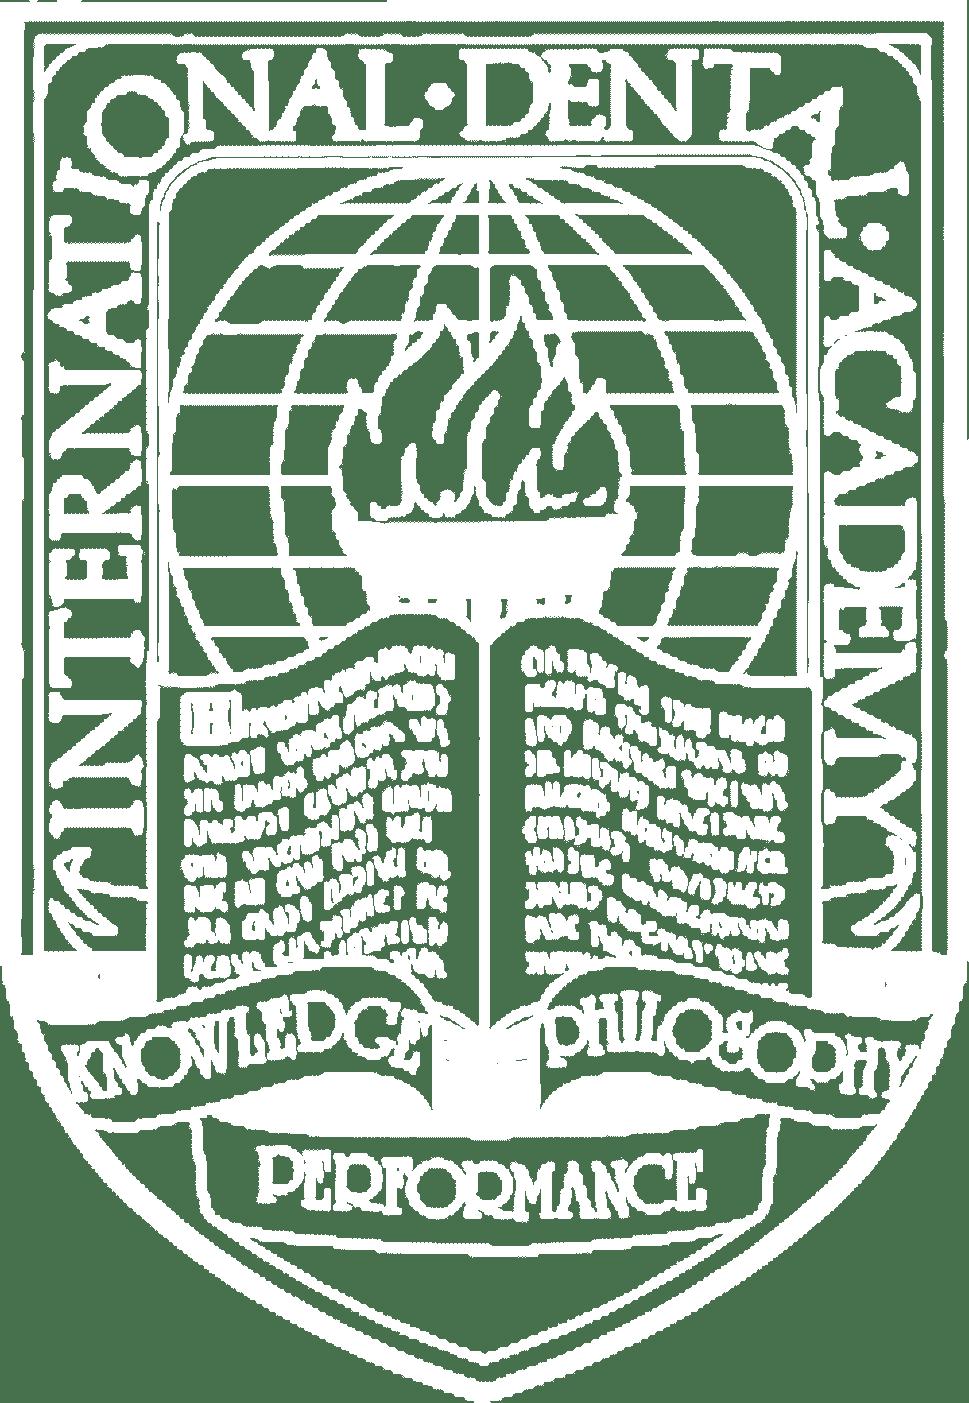 国際デンタルアカデミー